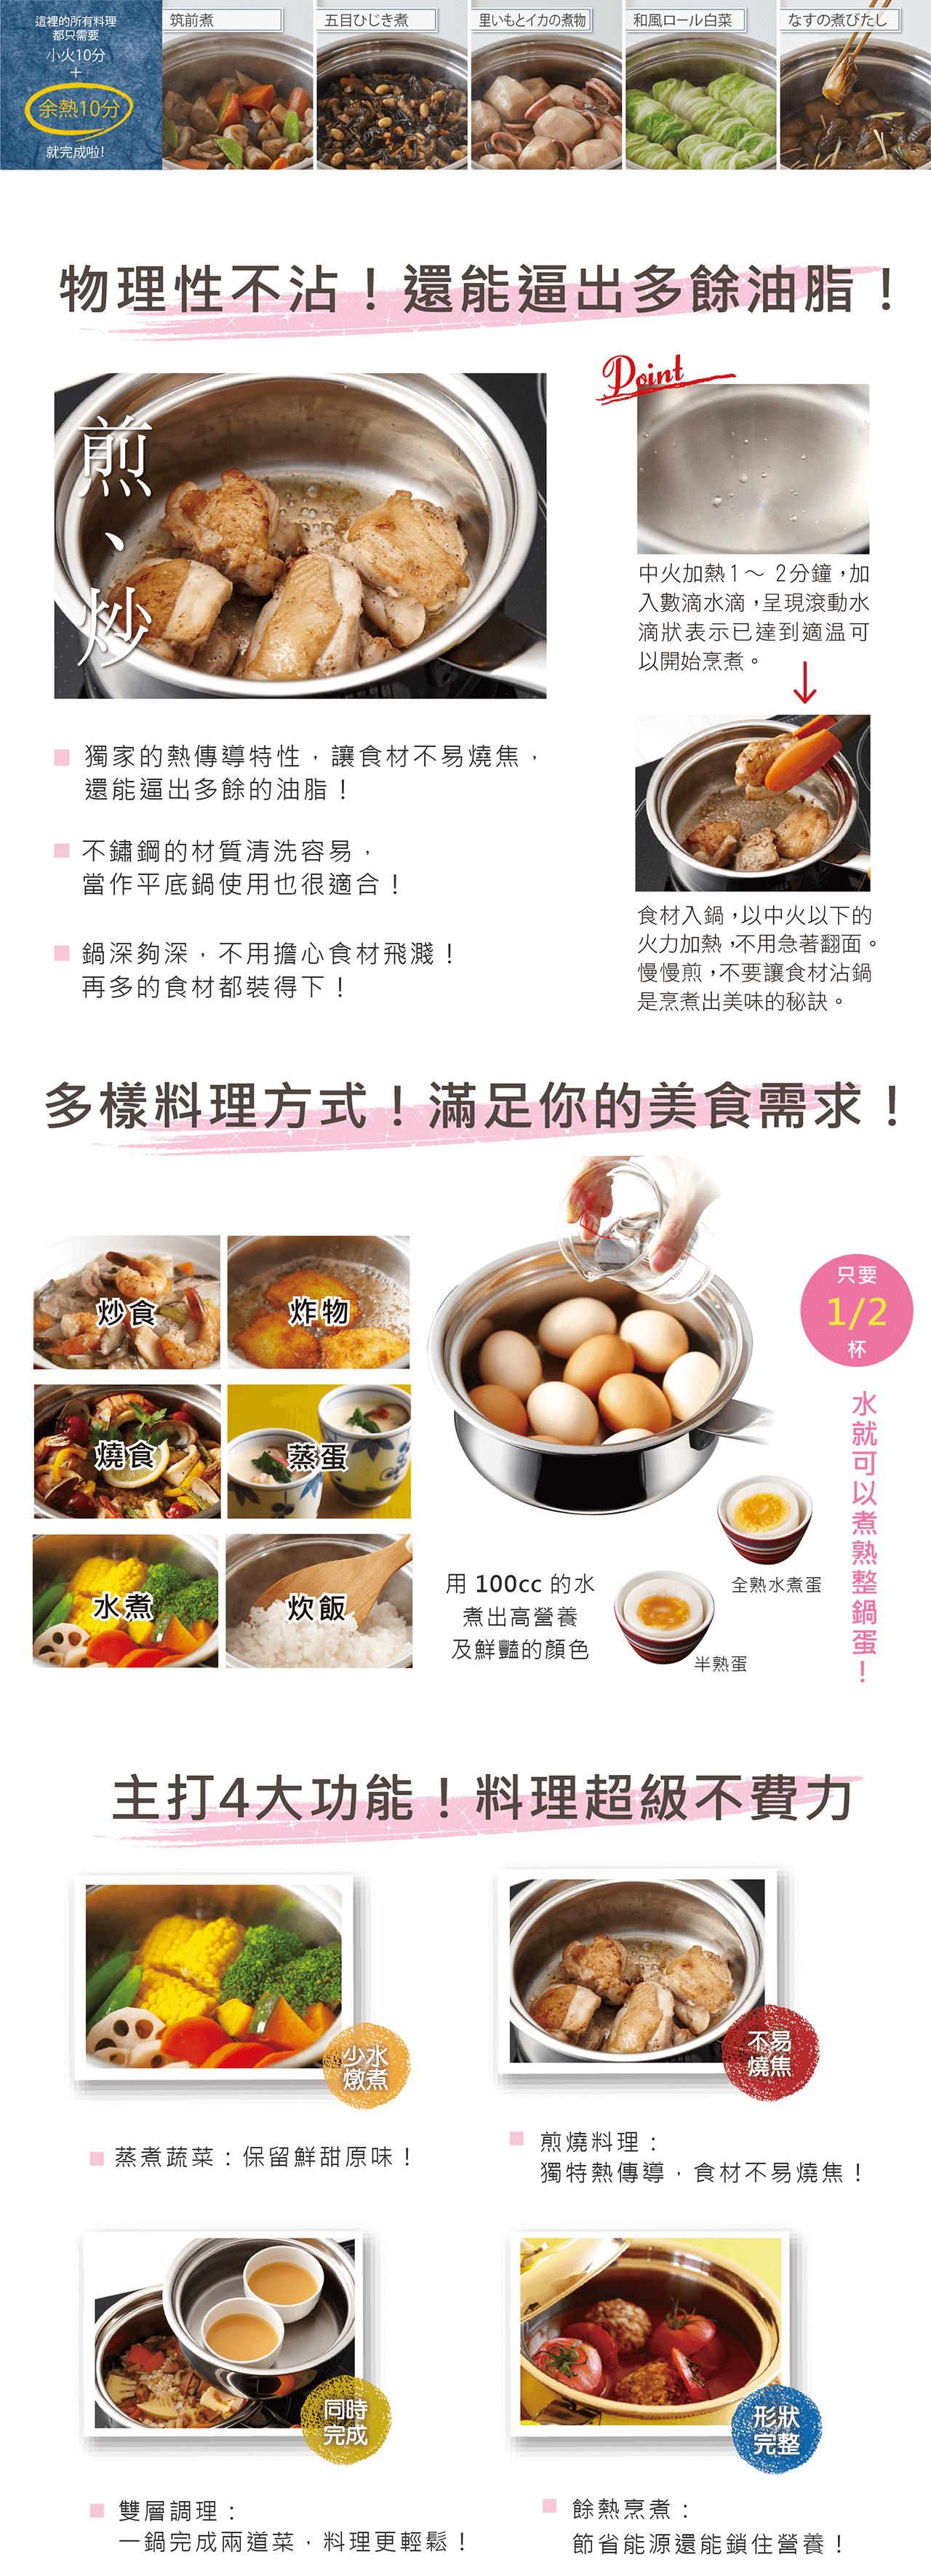 夢幻公主鍋,夢幻鍋,粉色鍋,雙層不鏽鋼鍋,少女鍋,壓力鍋,美鍋